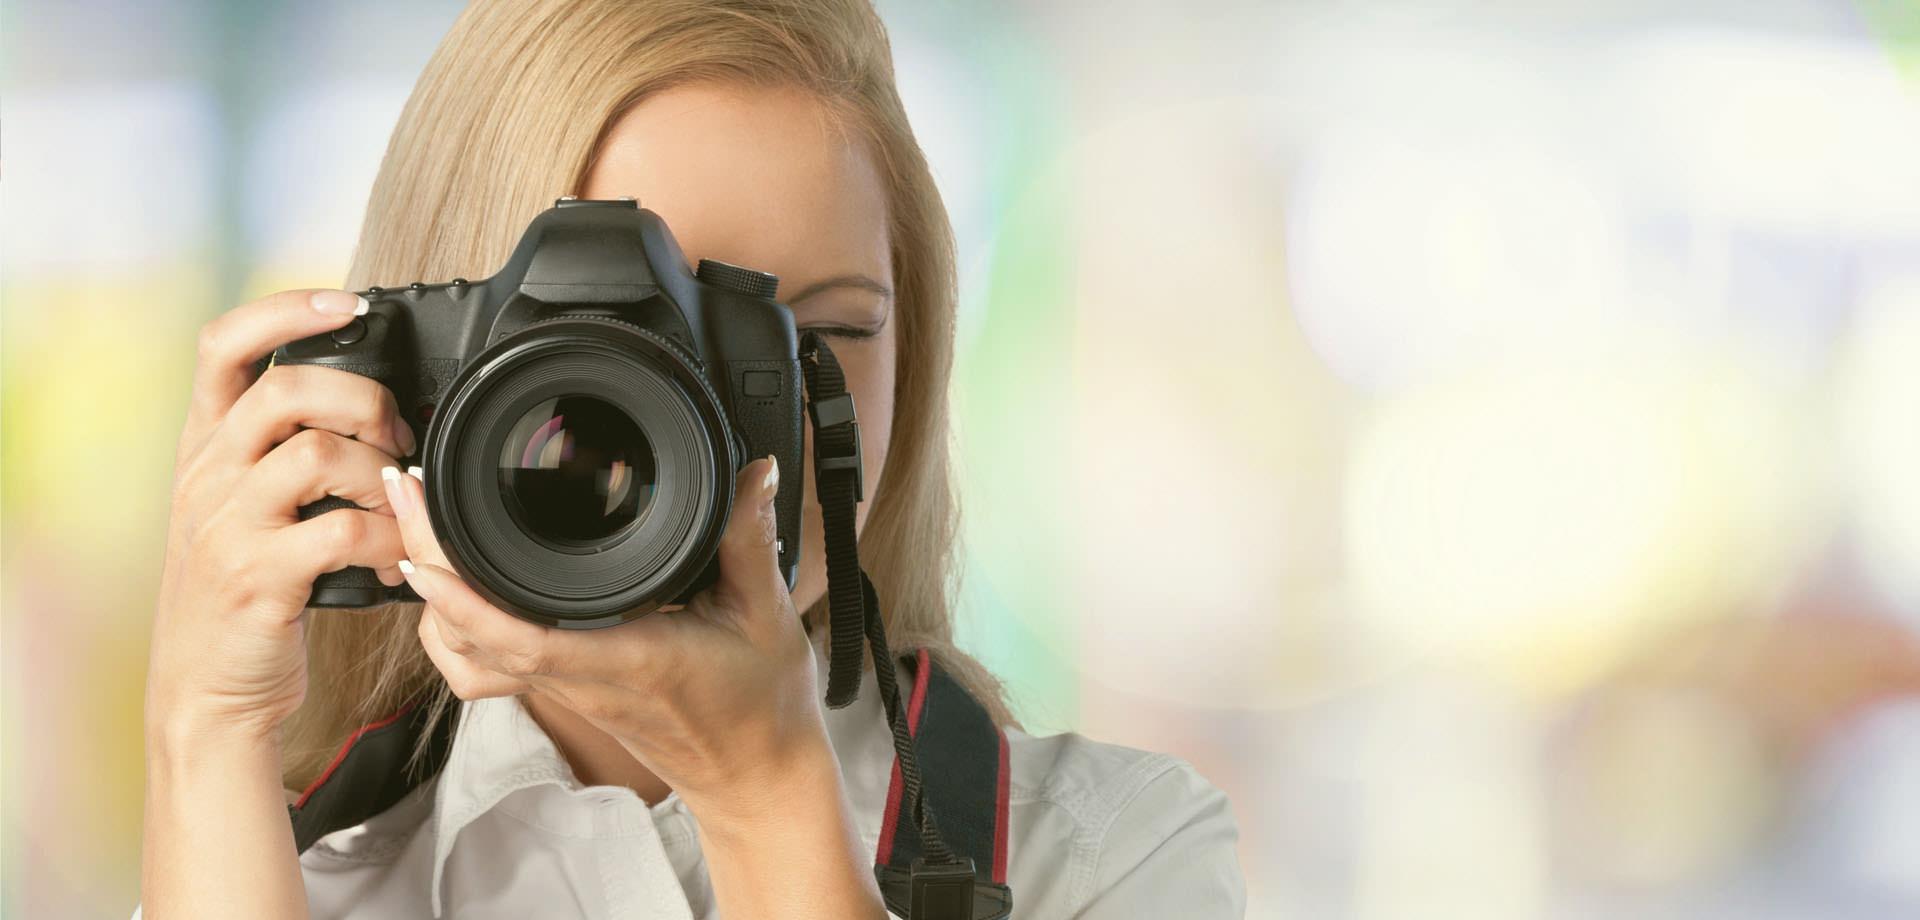 Fotografin fotografiert mit Objektiv direkt auf den Betrachter!